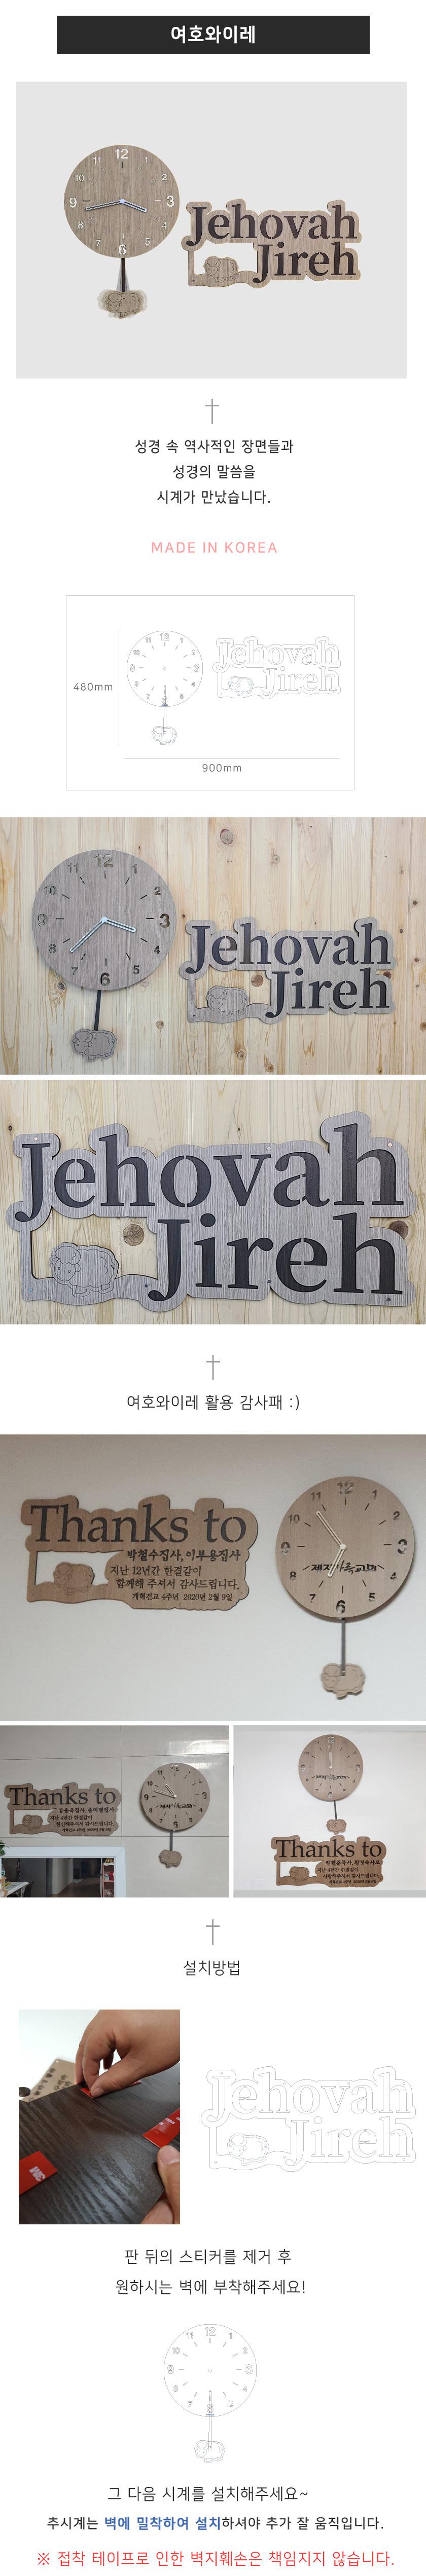 여호와이레